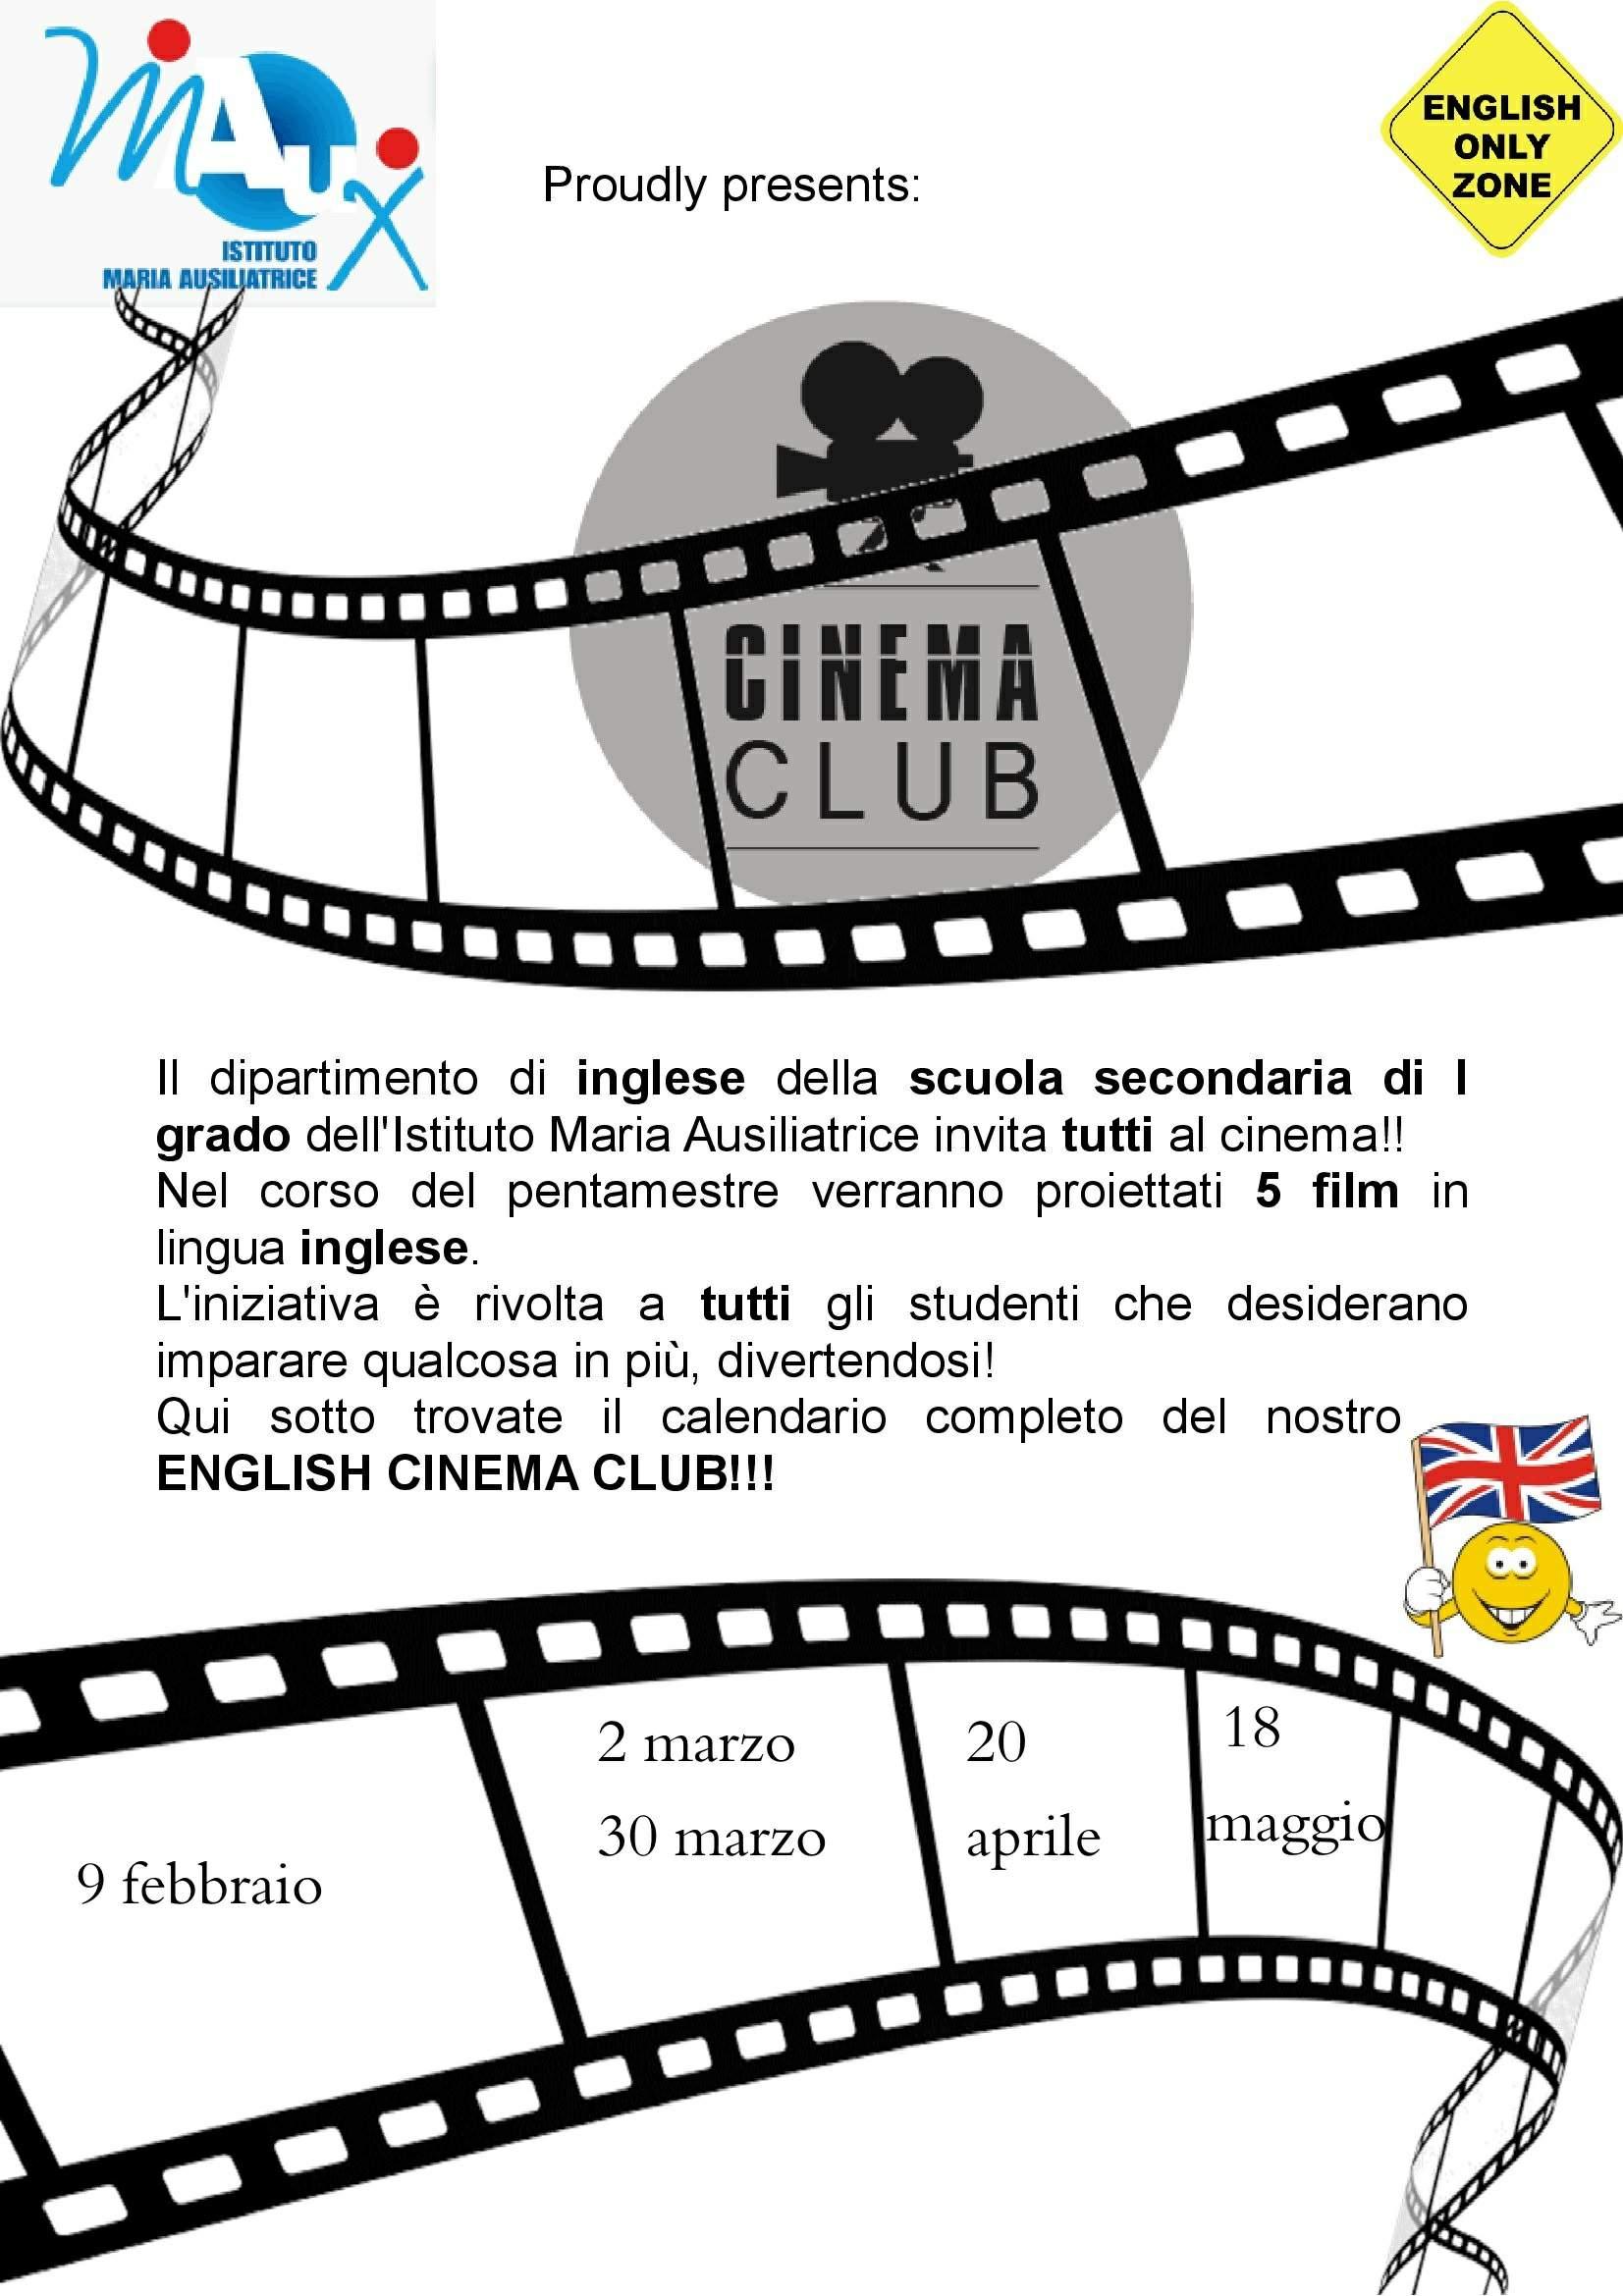 ENGLISH CINEMA CLUB